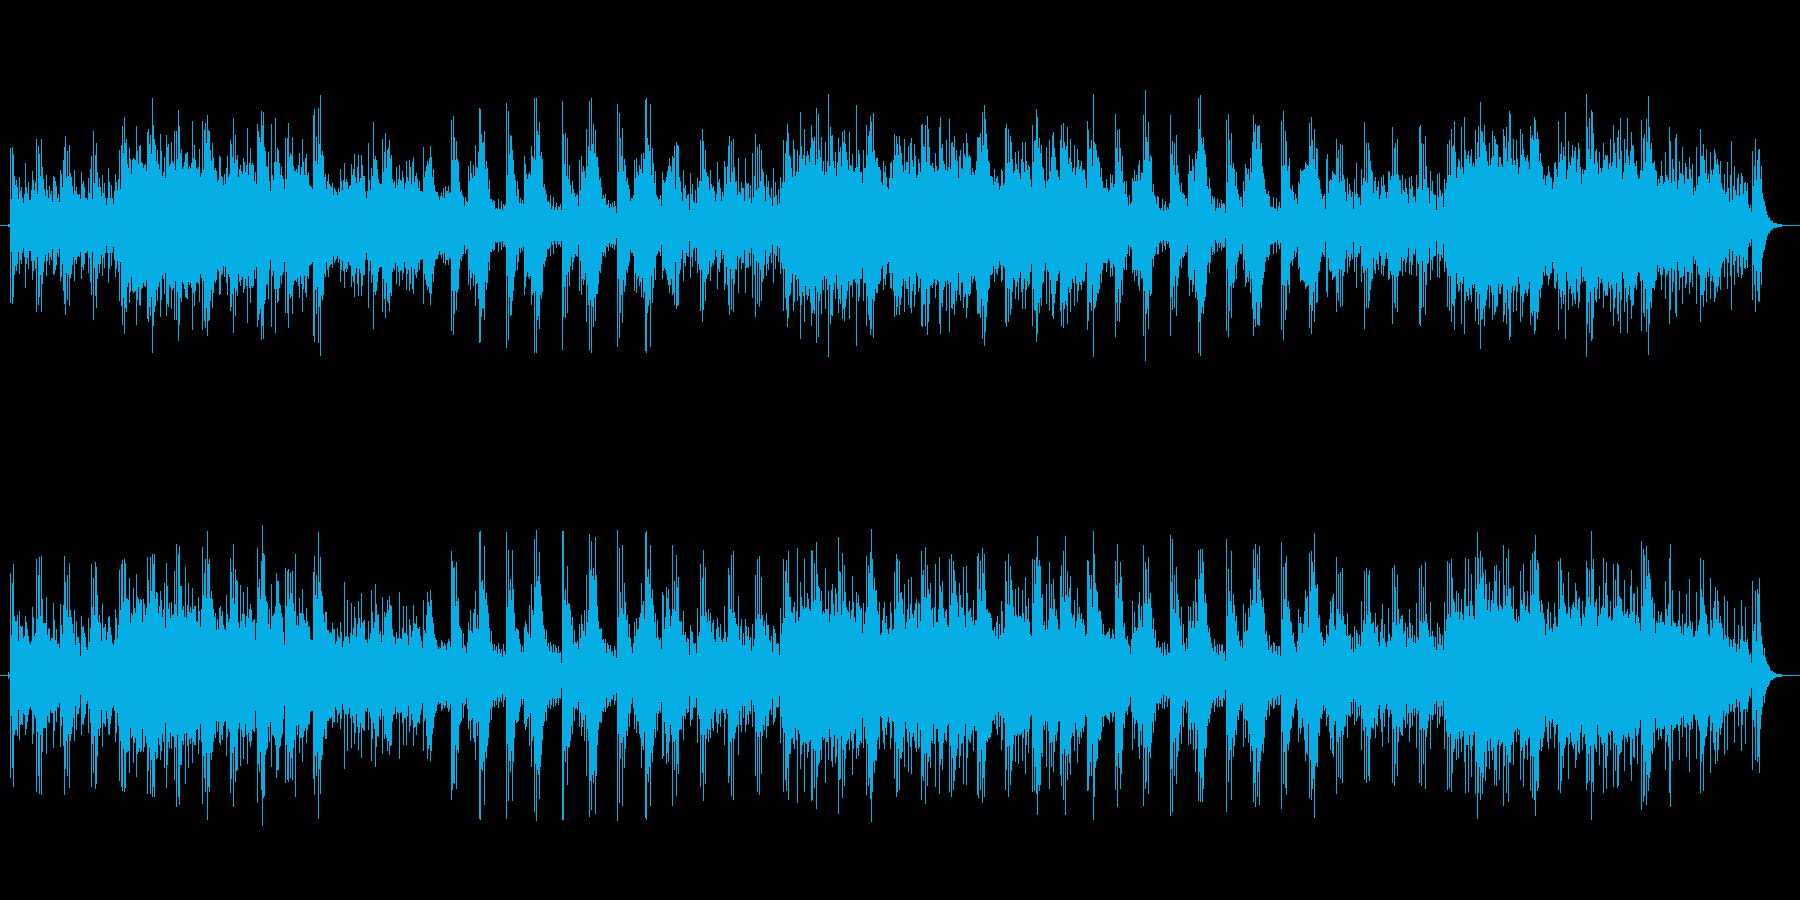 中東風のアンビエントミュージックの再生済みの波形